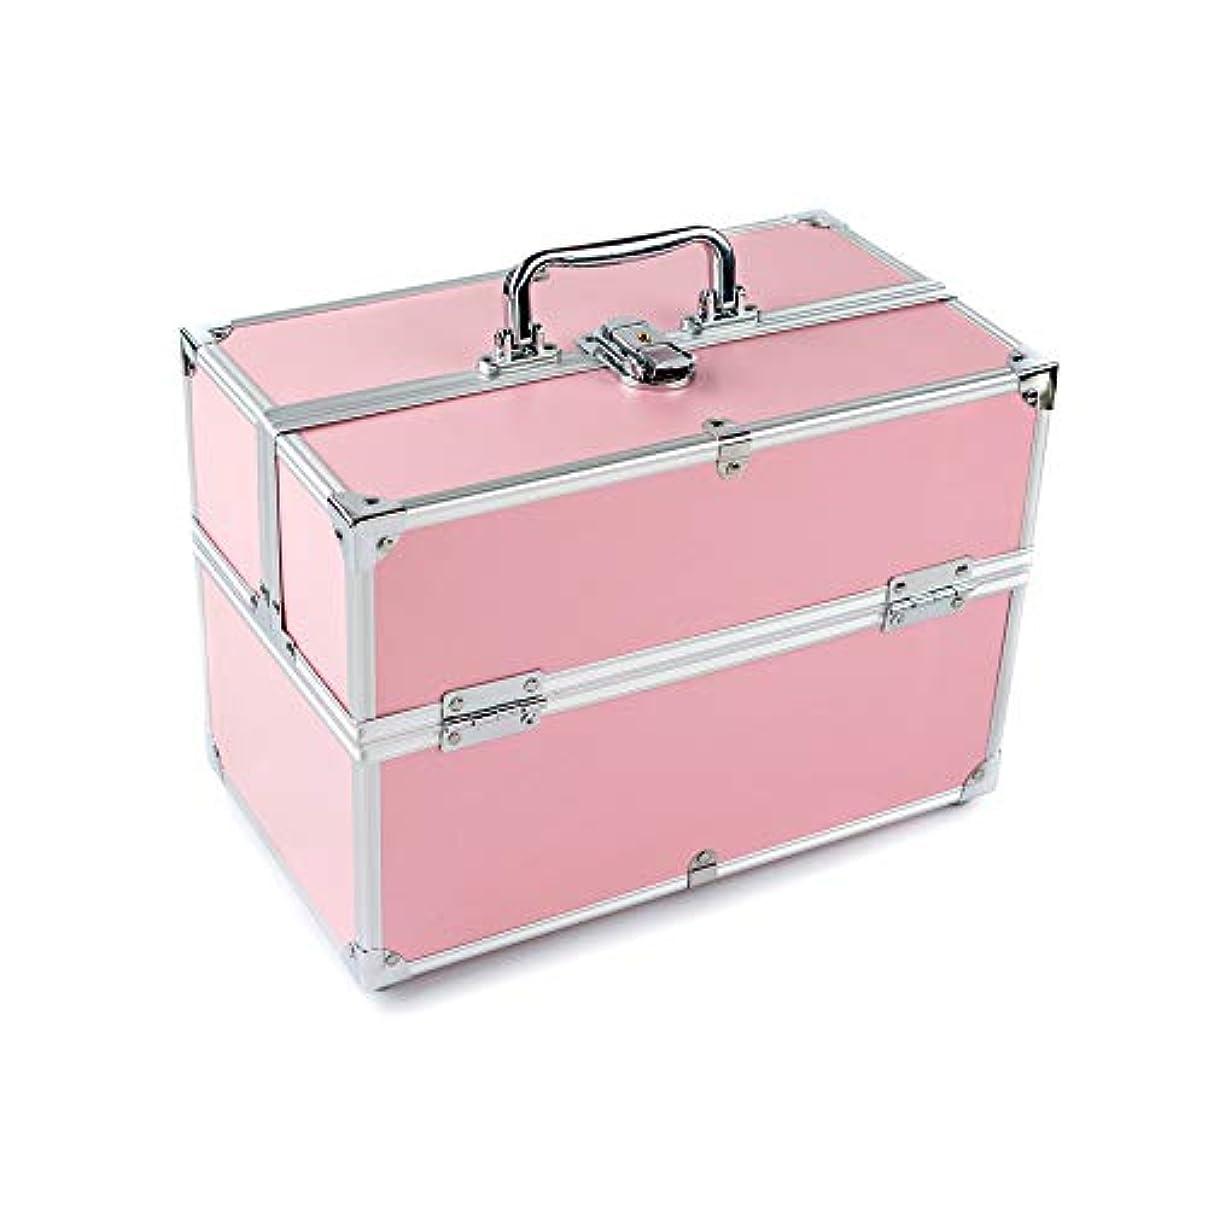 起点フェミニンスポーツの試合を担当している人特大スペース収納ビューティーボックス 美の構造のためそしてジッパーおよび折る皿が付いている女の子の女性旅行そして毎日の貯蔵のための高容量の携帯用化粧品袋 化粧品化粧台 (色 : ピンク)